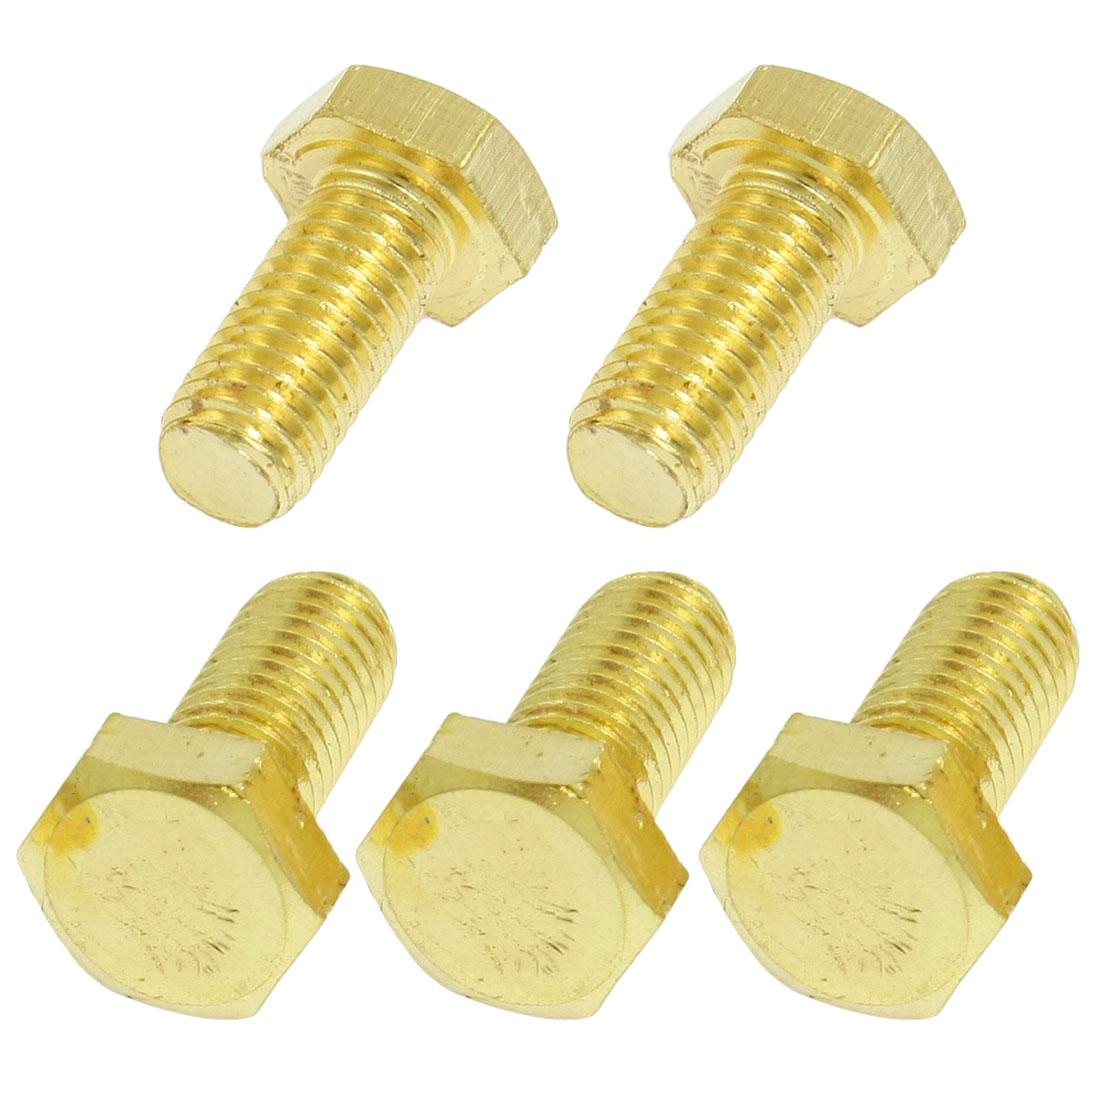 5 Pcs Solid Brass Hex Head Cap Screw Flat Tip Fastener 12mm x 25mm